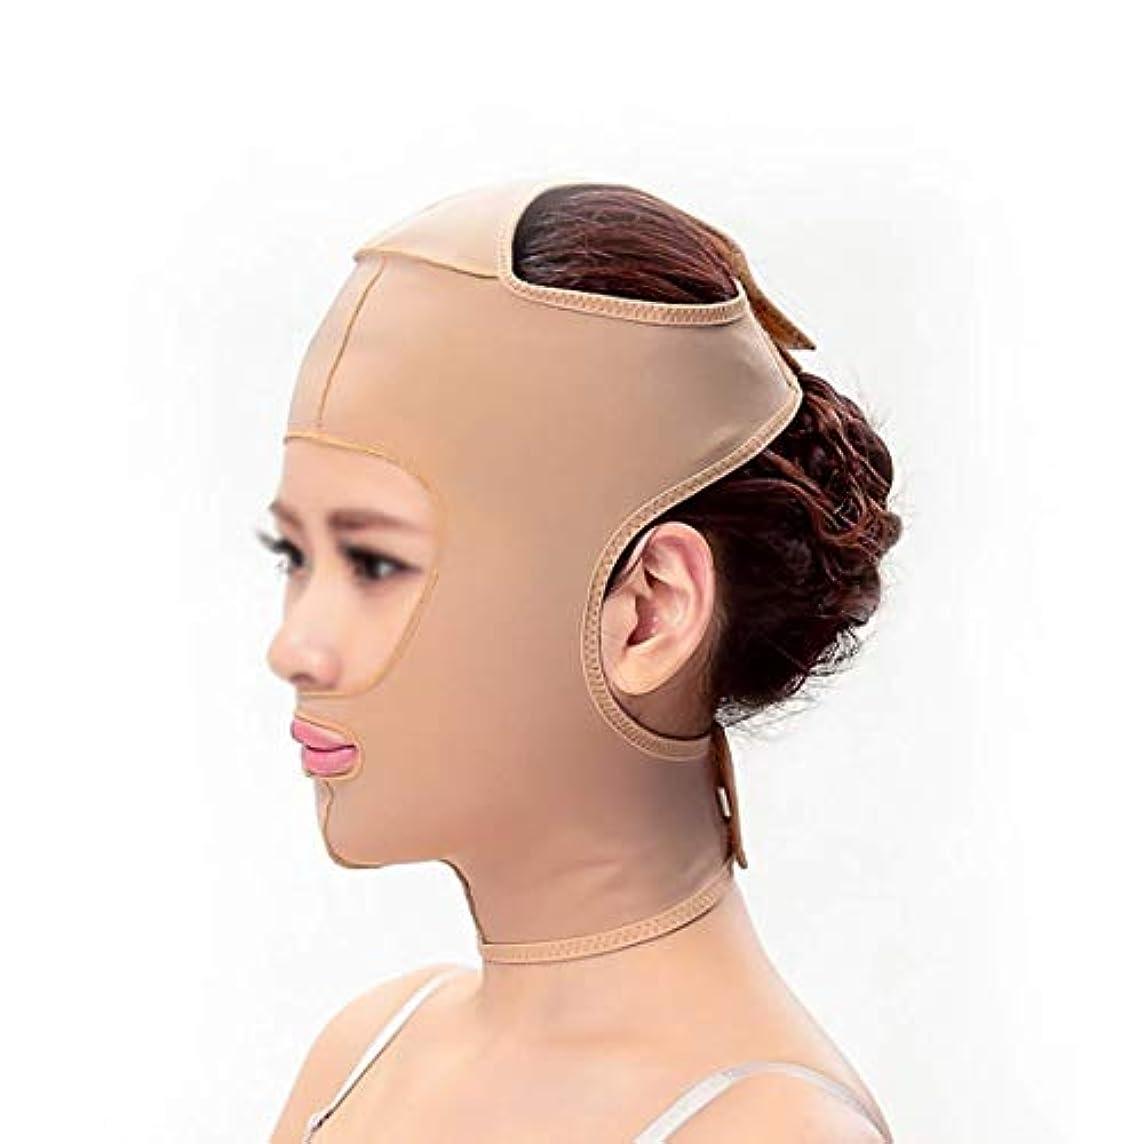 発火する居眠りする一月スリミングベルト、フェイシャルマスクフェイスマスクフェイスプラスチック顔アーティファクト強力な顔の包帯を引き締めるダブルあごを持ち上げるパターンを布布する(サイズ:Xl)